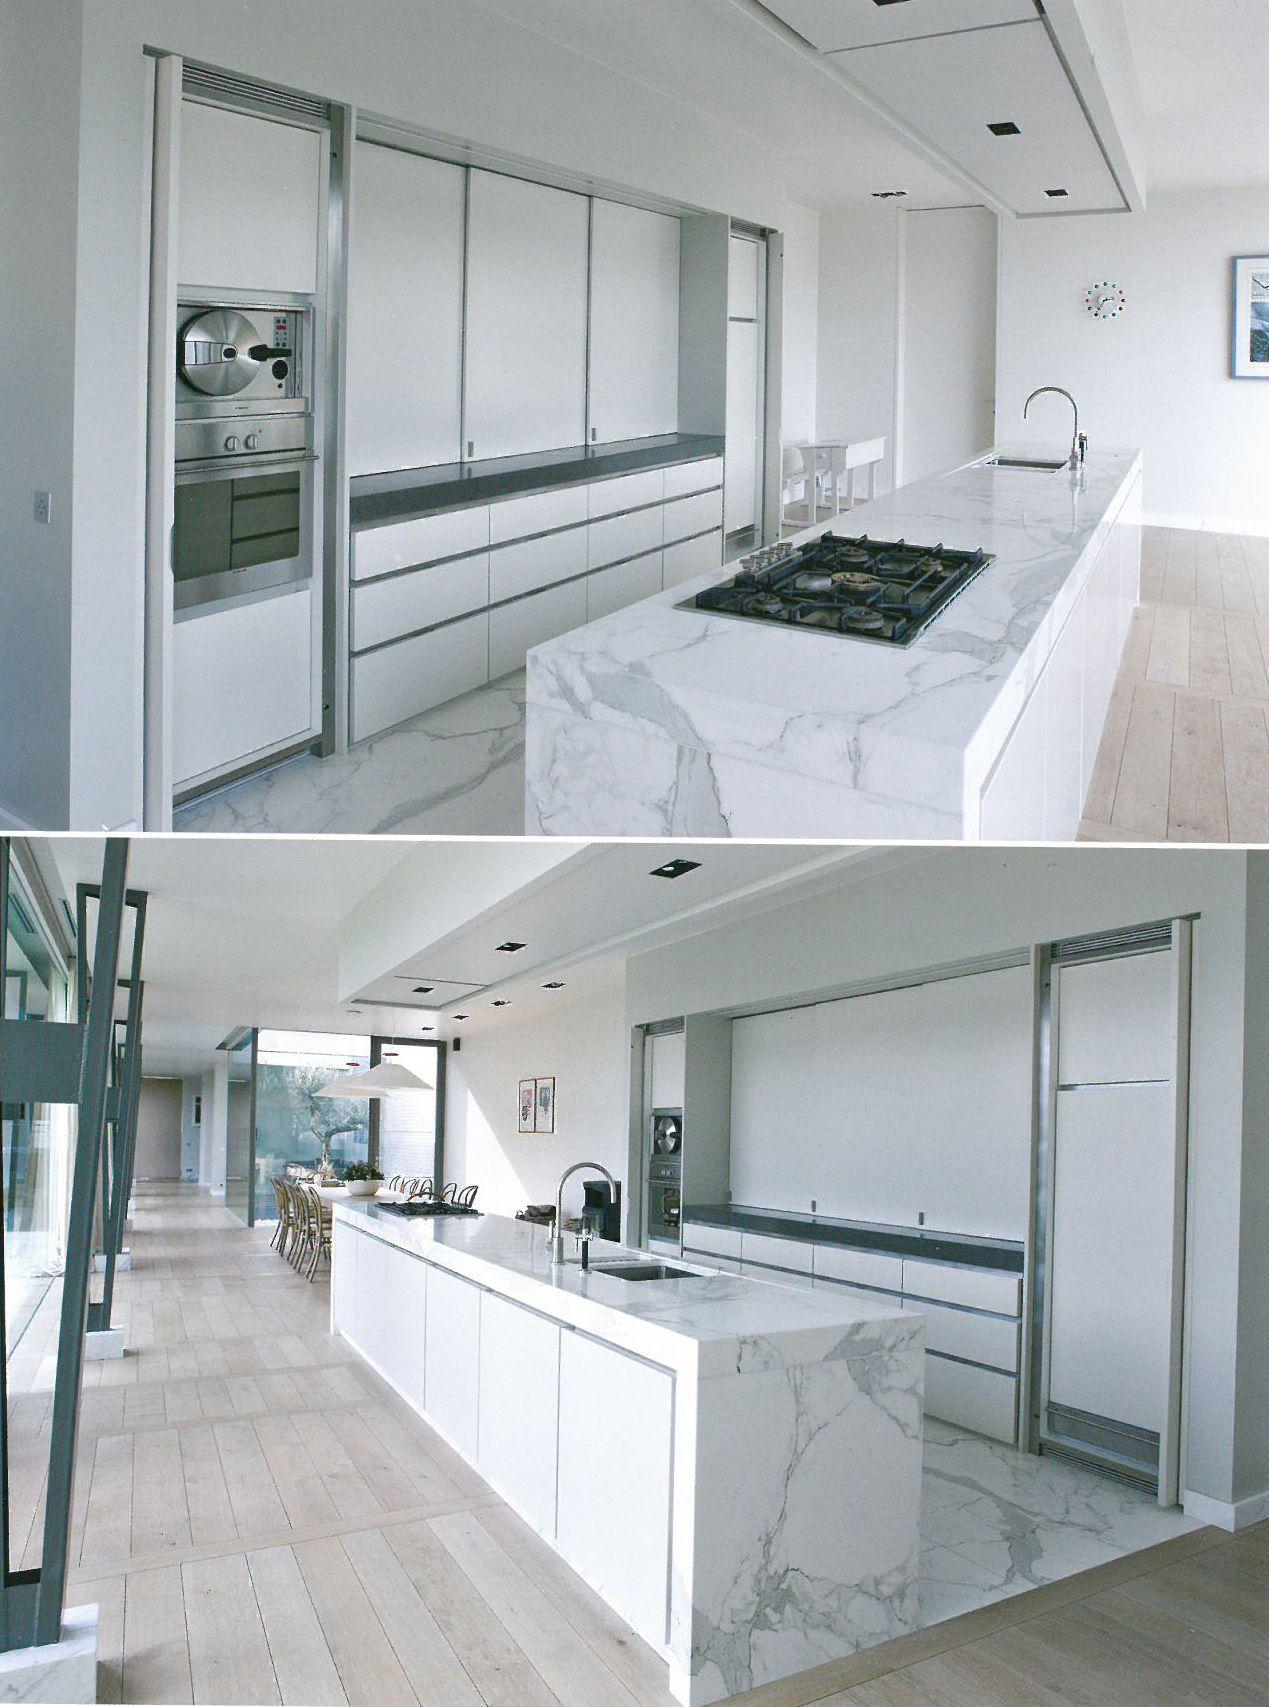 Interior Design Open Kitchen: Open Passage Through Kitchen